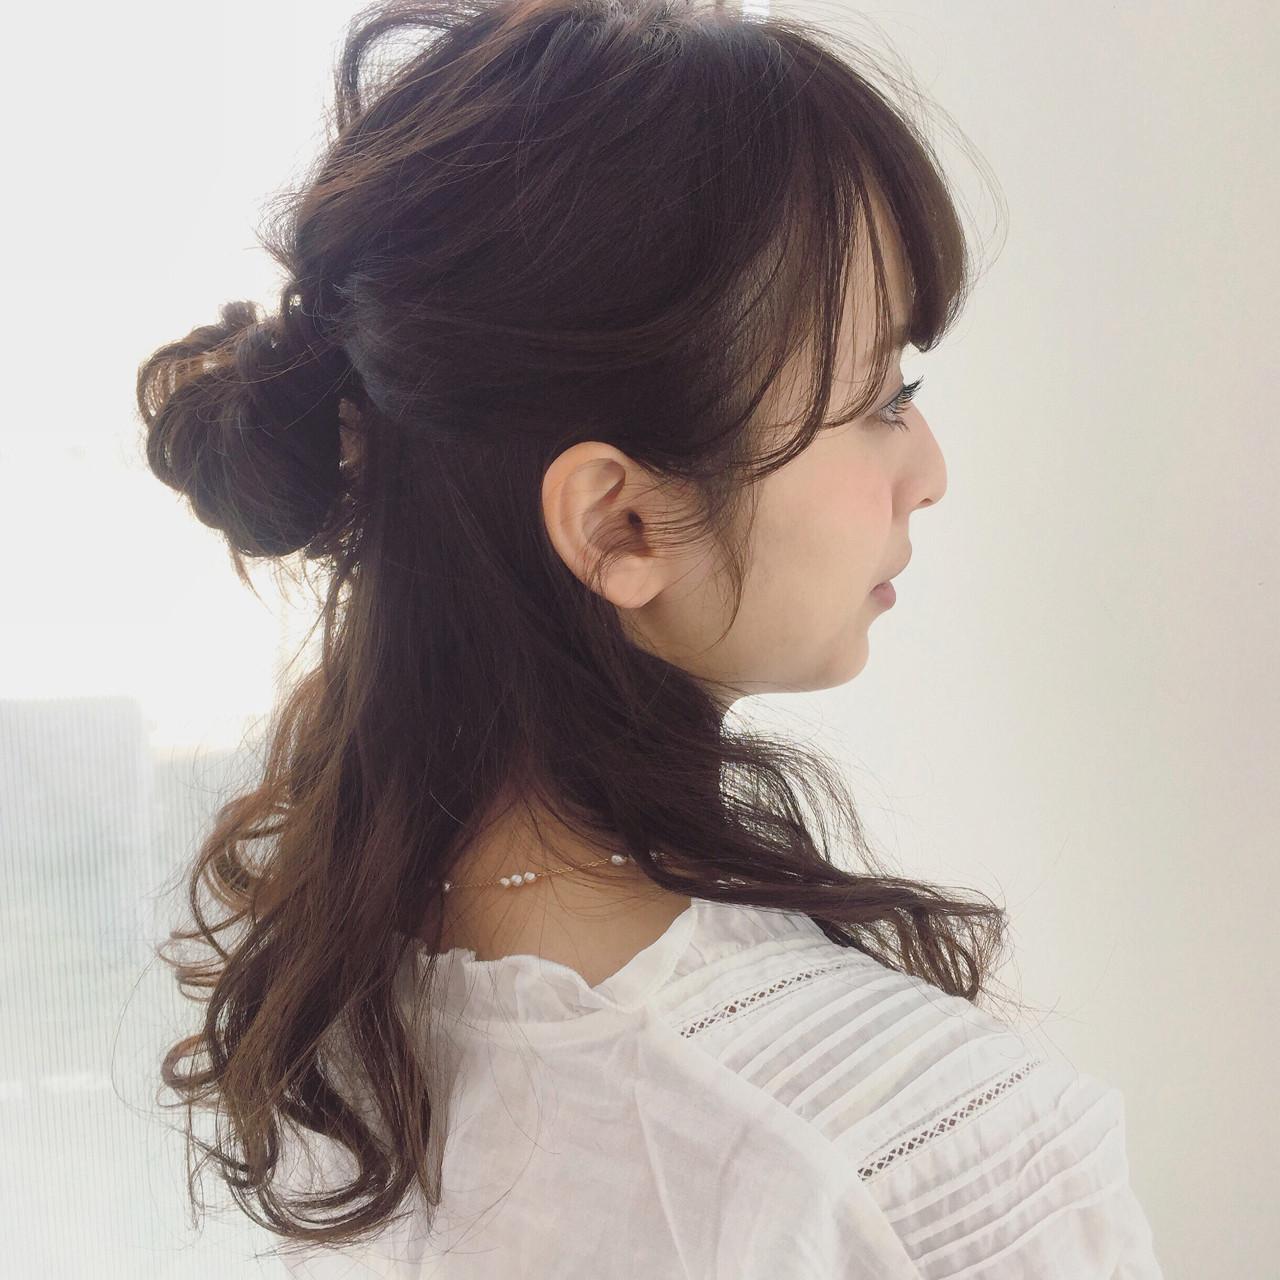 春夏をさややかに可愛く♡おだんごハーフアップ 古田 千明